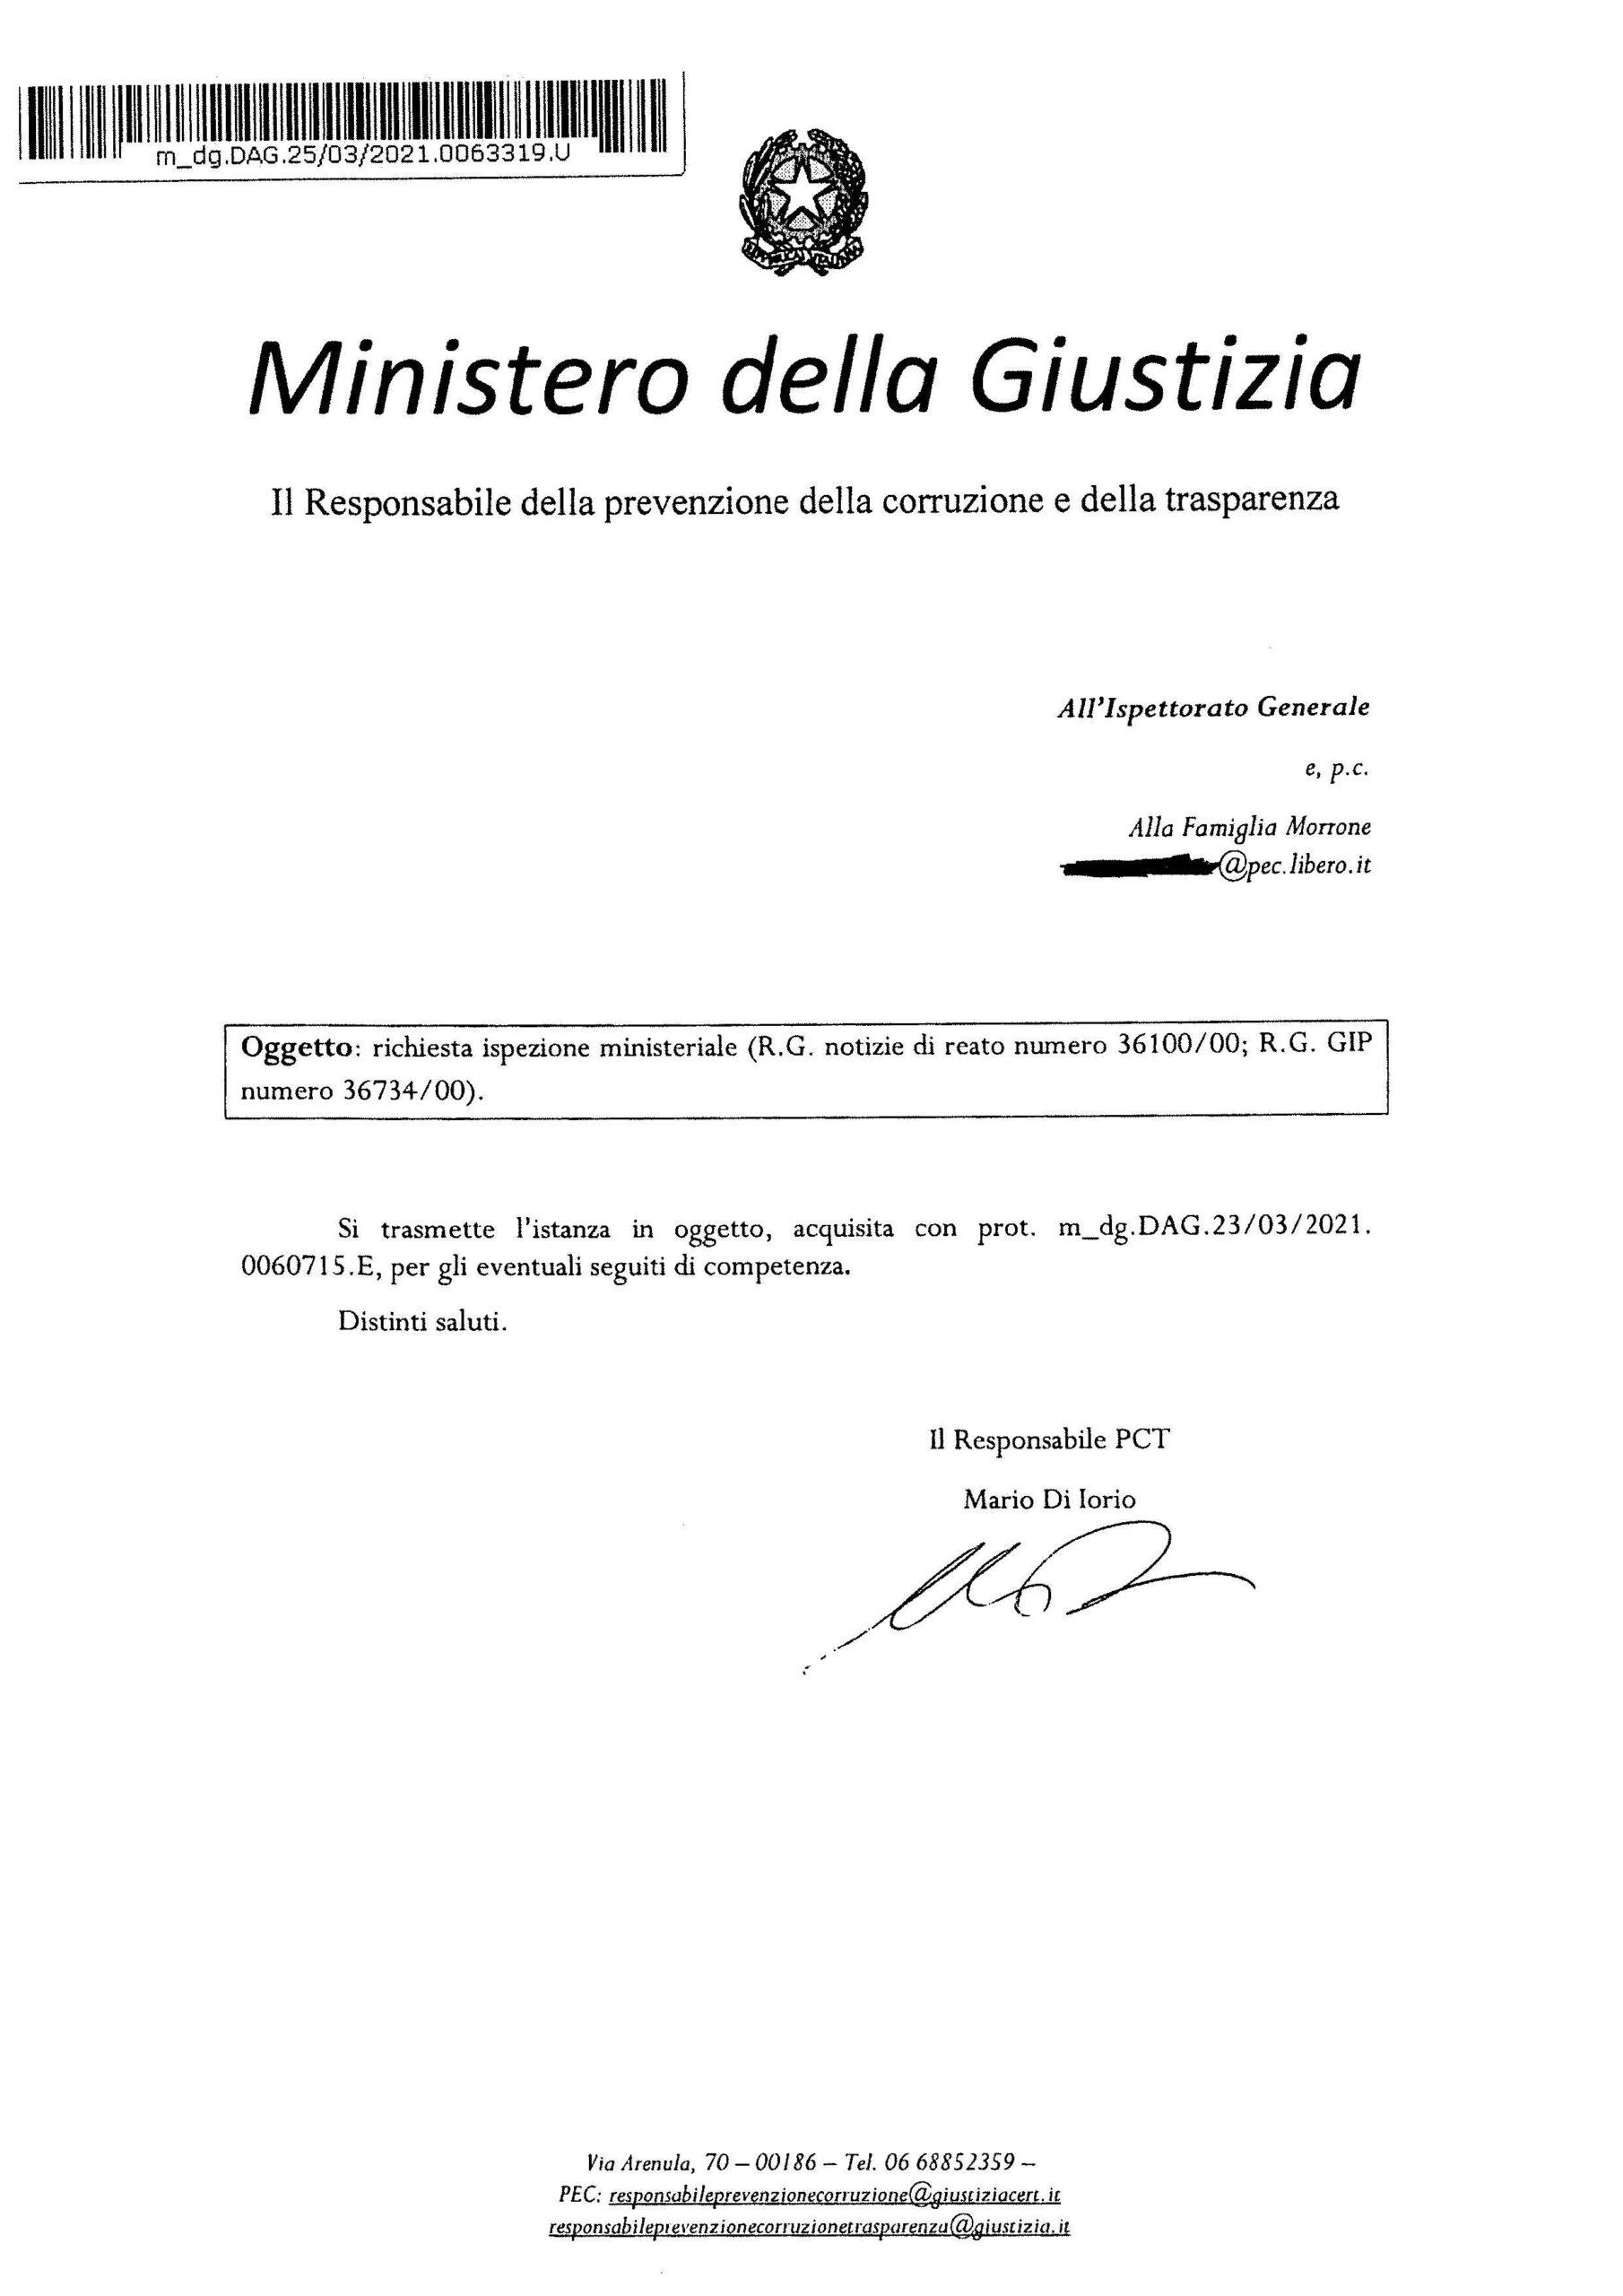 La richiesta di ispezione ministeriale nel Tribunale di Roma presentata dalla famiglia Morrone